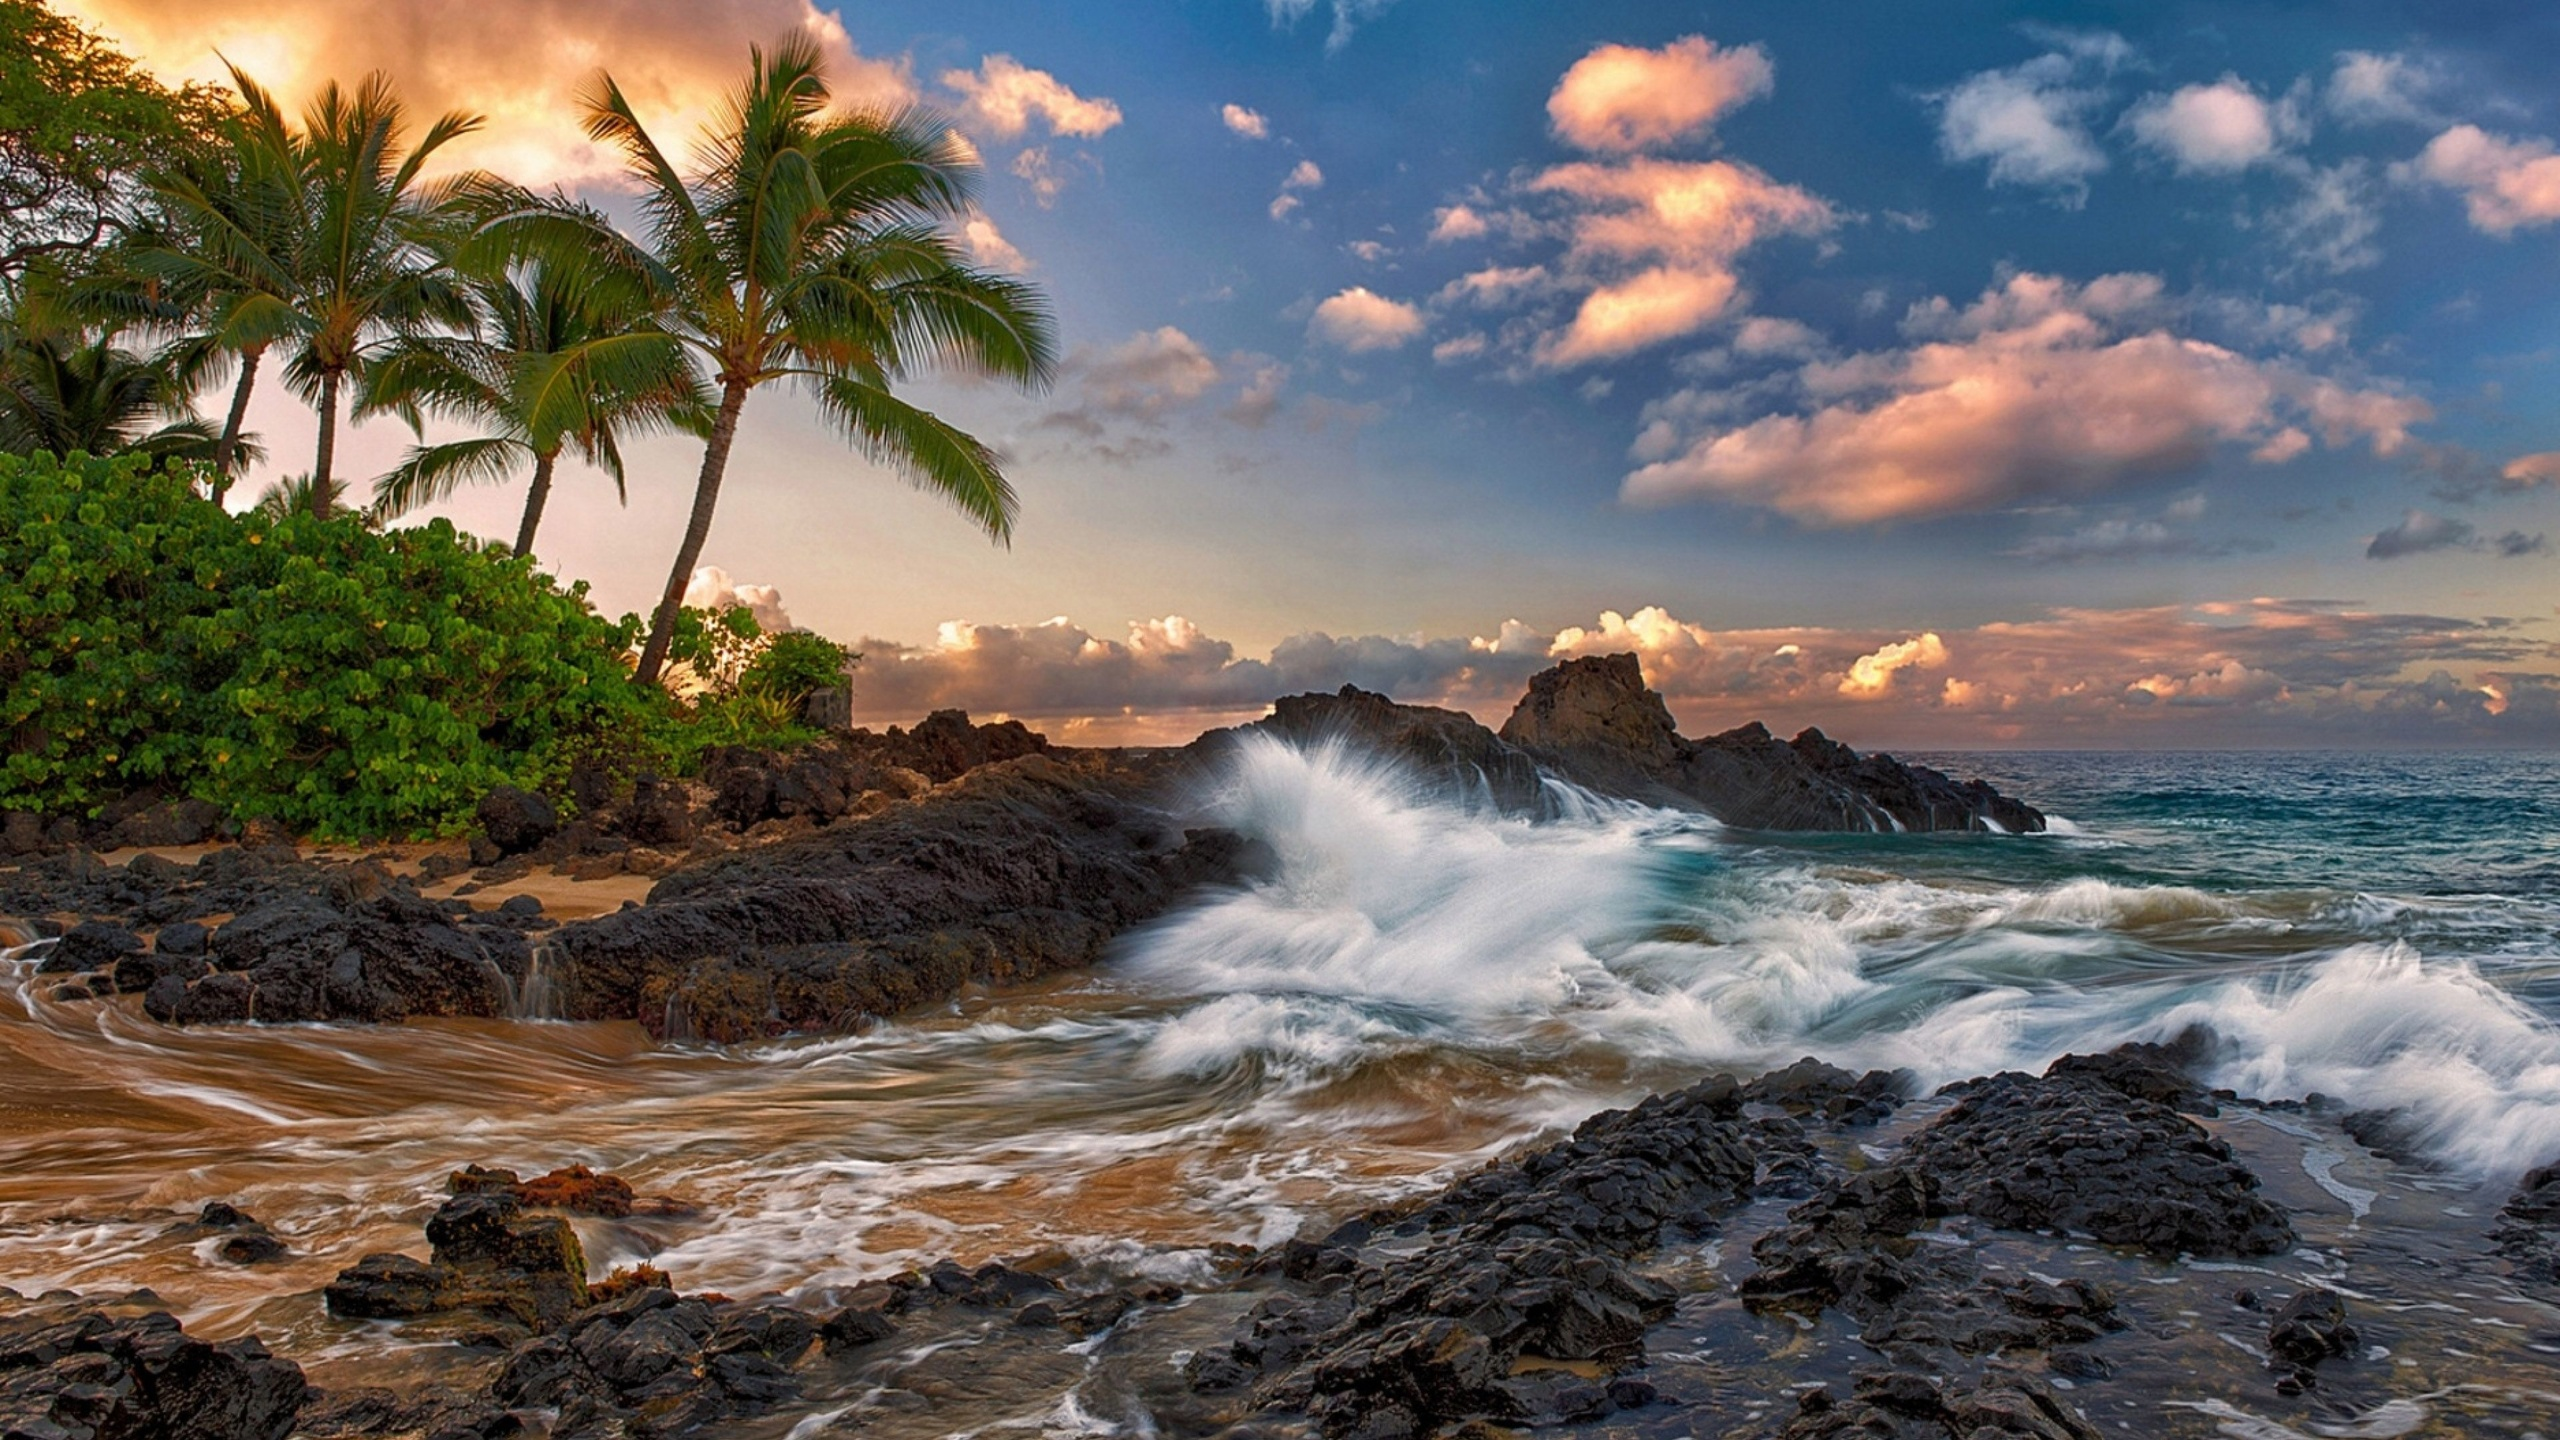 борщ свеклой фото тропических берегов возможность выбрать